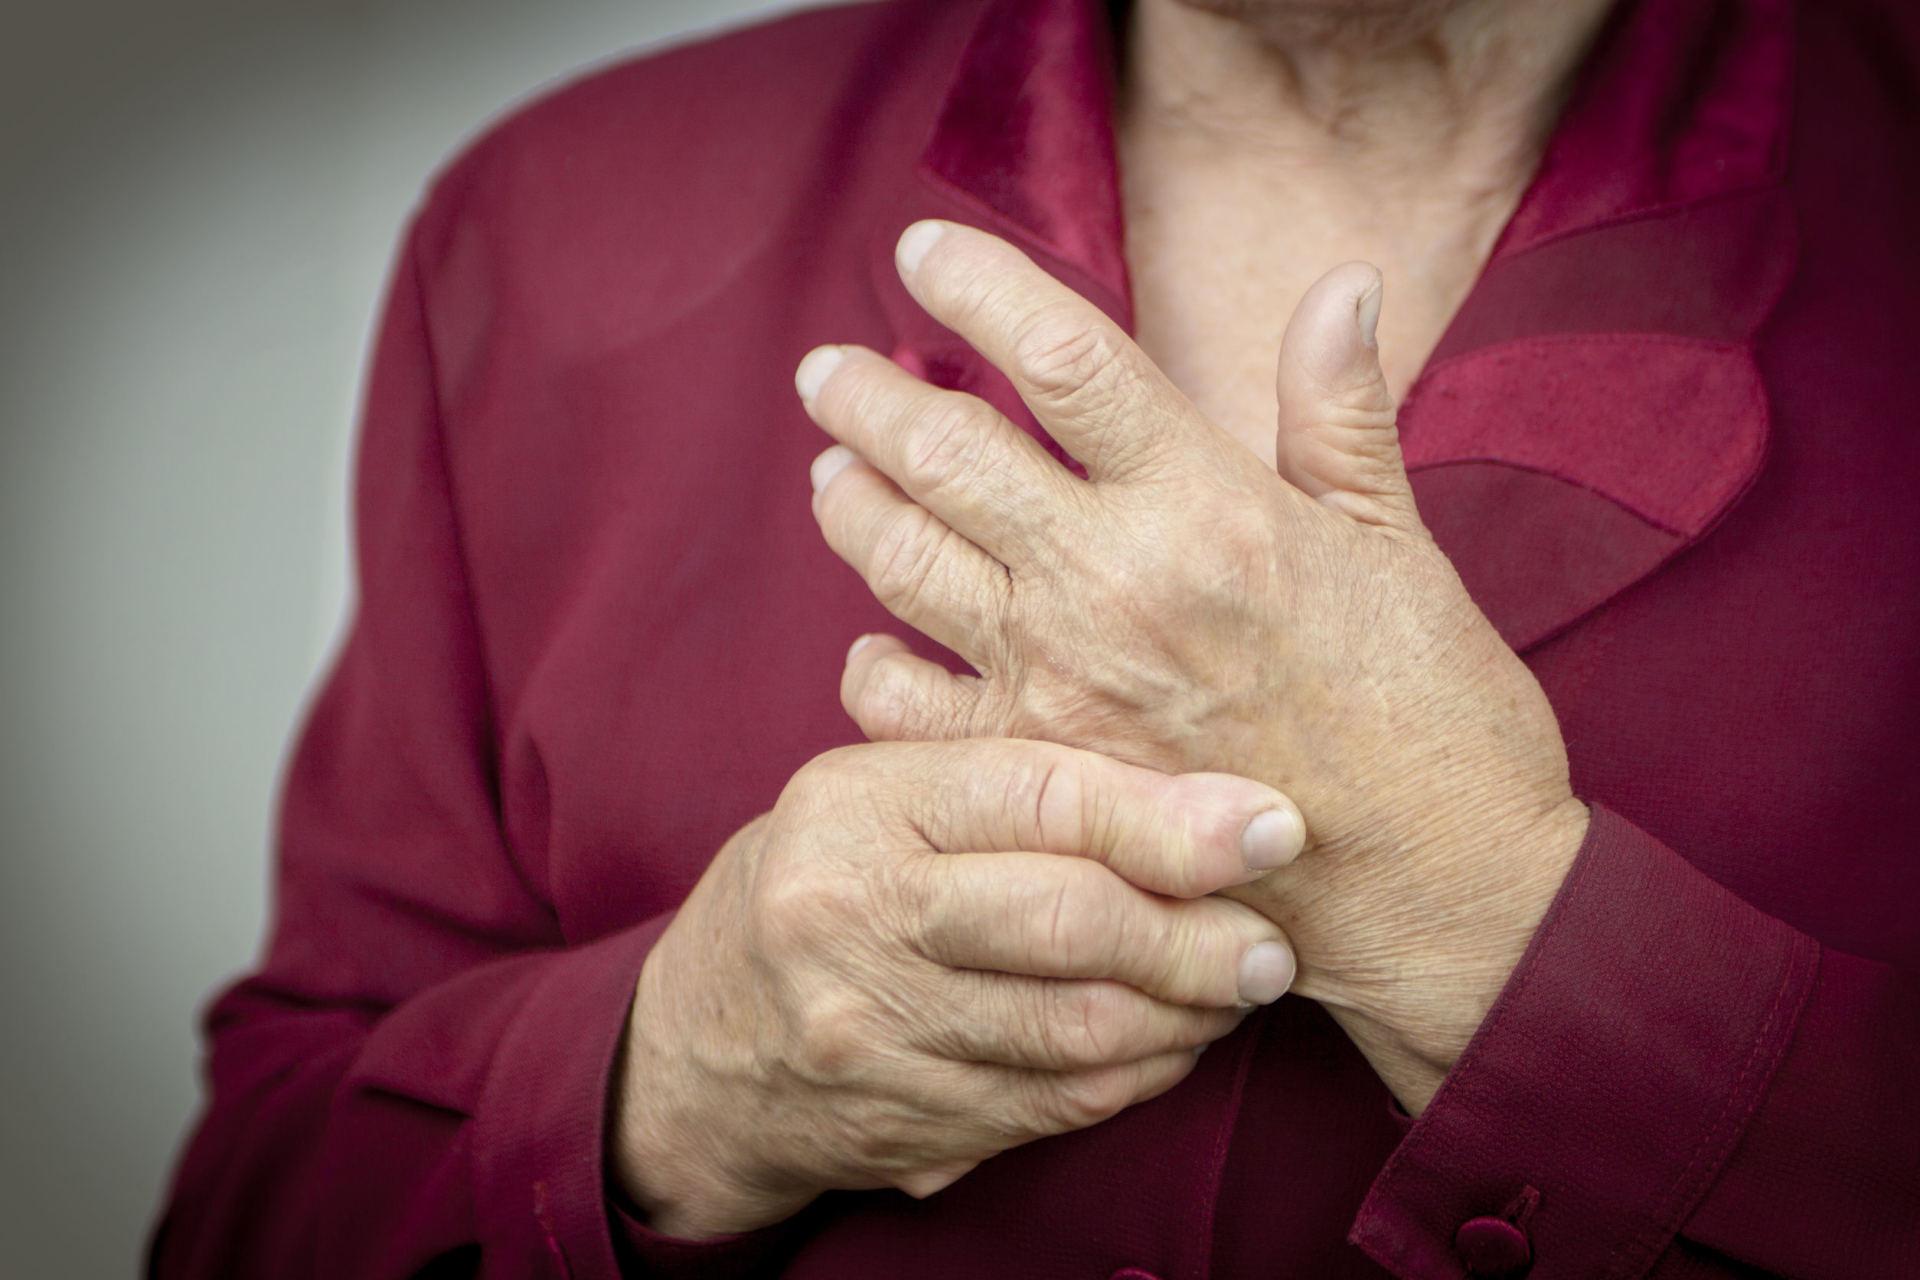 liaudies metodai gydant artrozė rankas pirštai artritu sergantiems pacientams